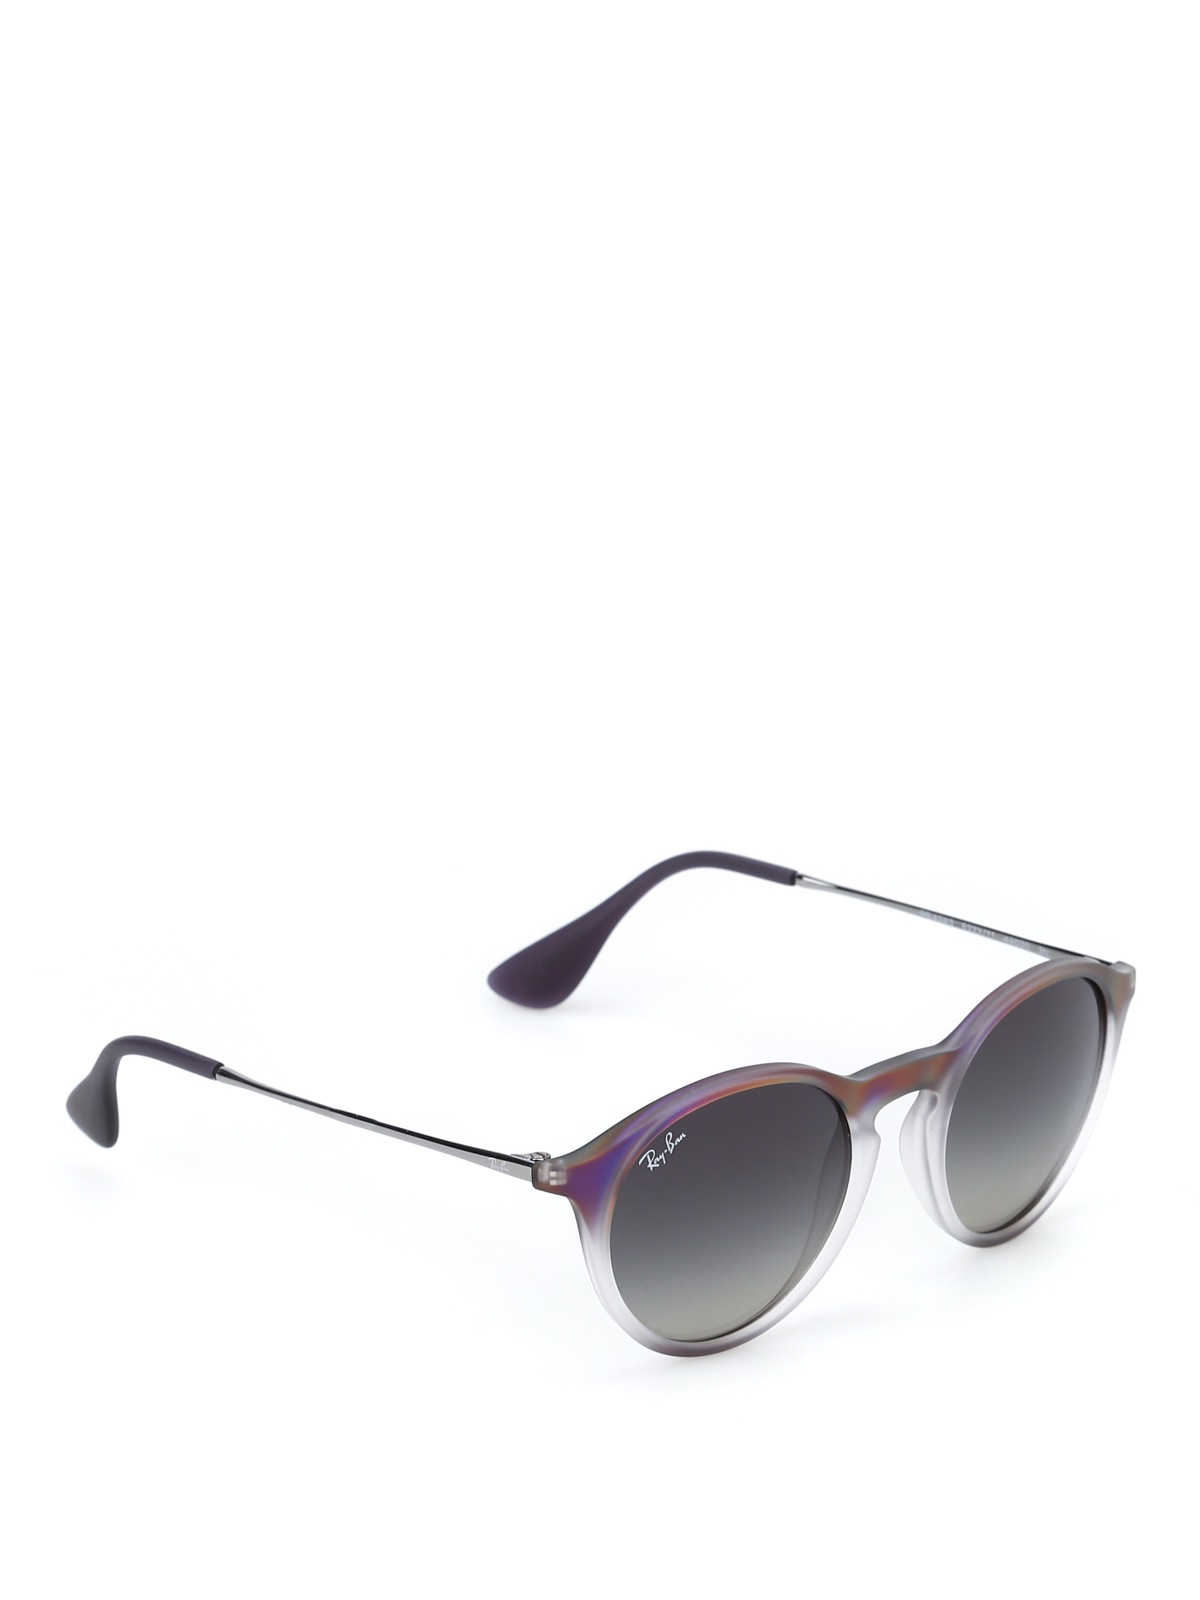 occhiali pantos viola e grigi ray ban occhiali da sole